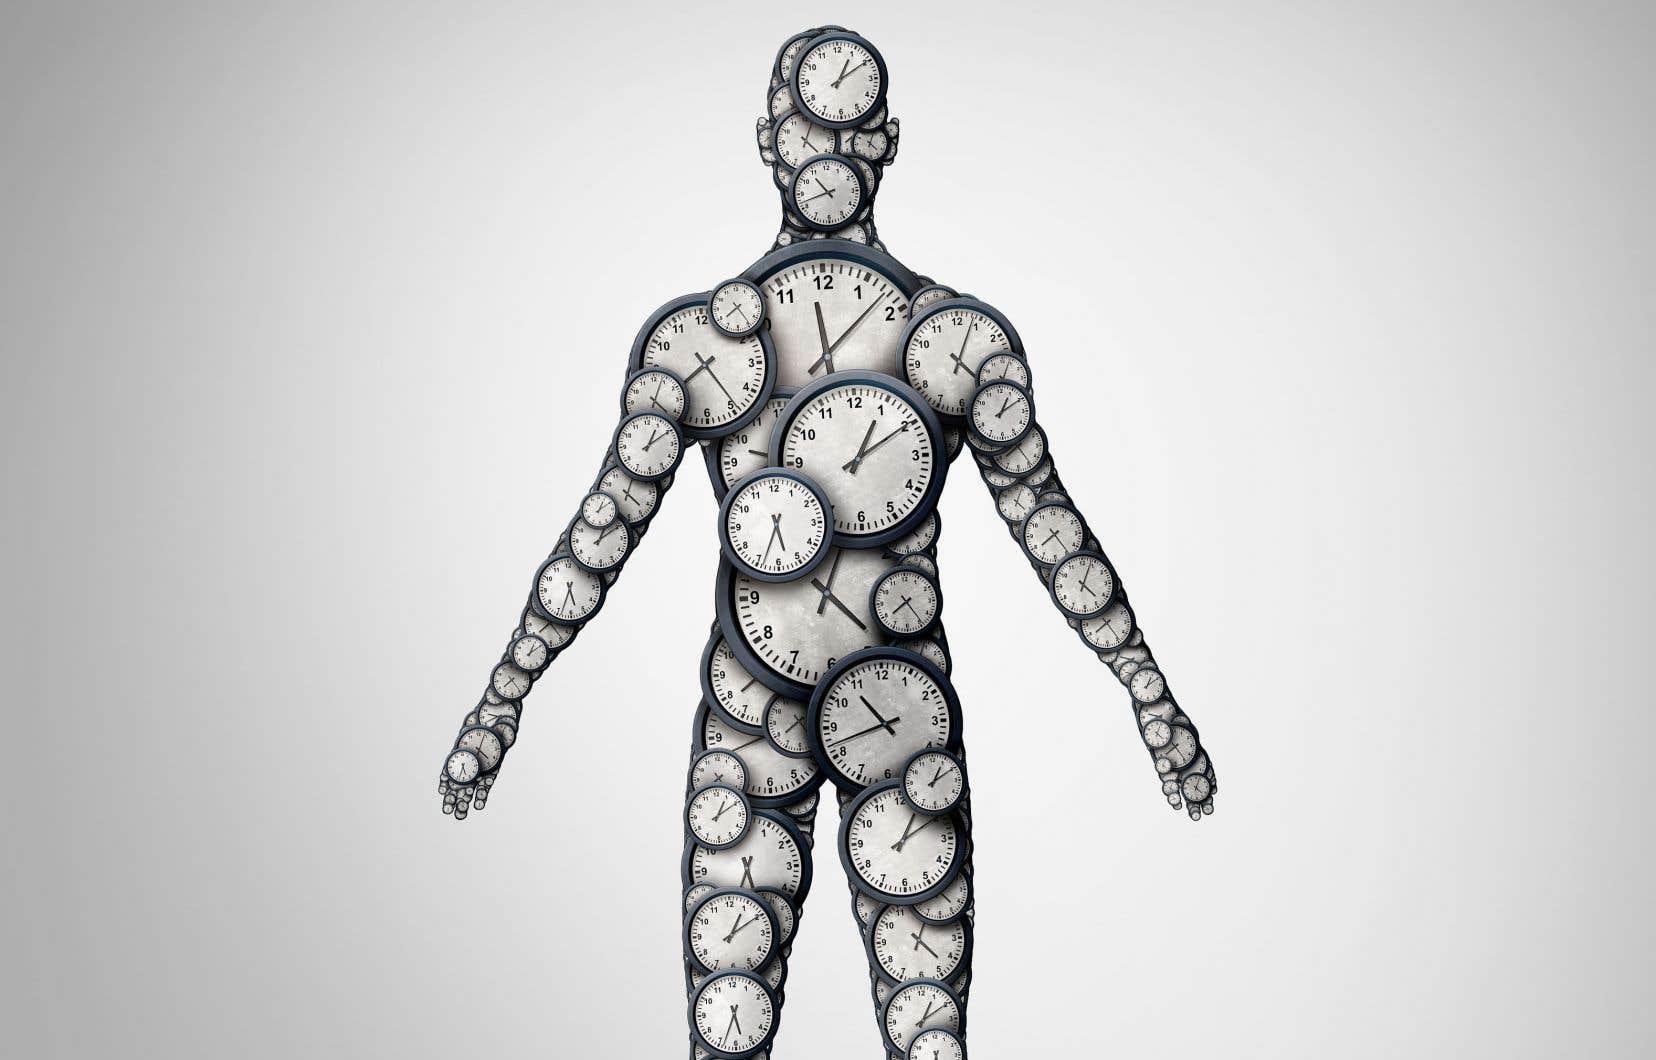 Nous savons depuis de nombreuses années que notre corps est sous l'effet d'une horloge biologique. On sait maintenant qu'elle n'est pas seule pour exécuter les nombreux mécanismes du corps humain.